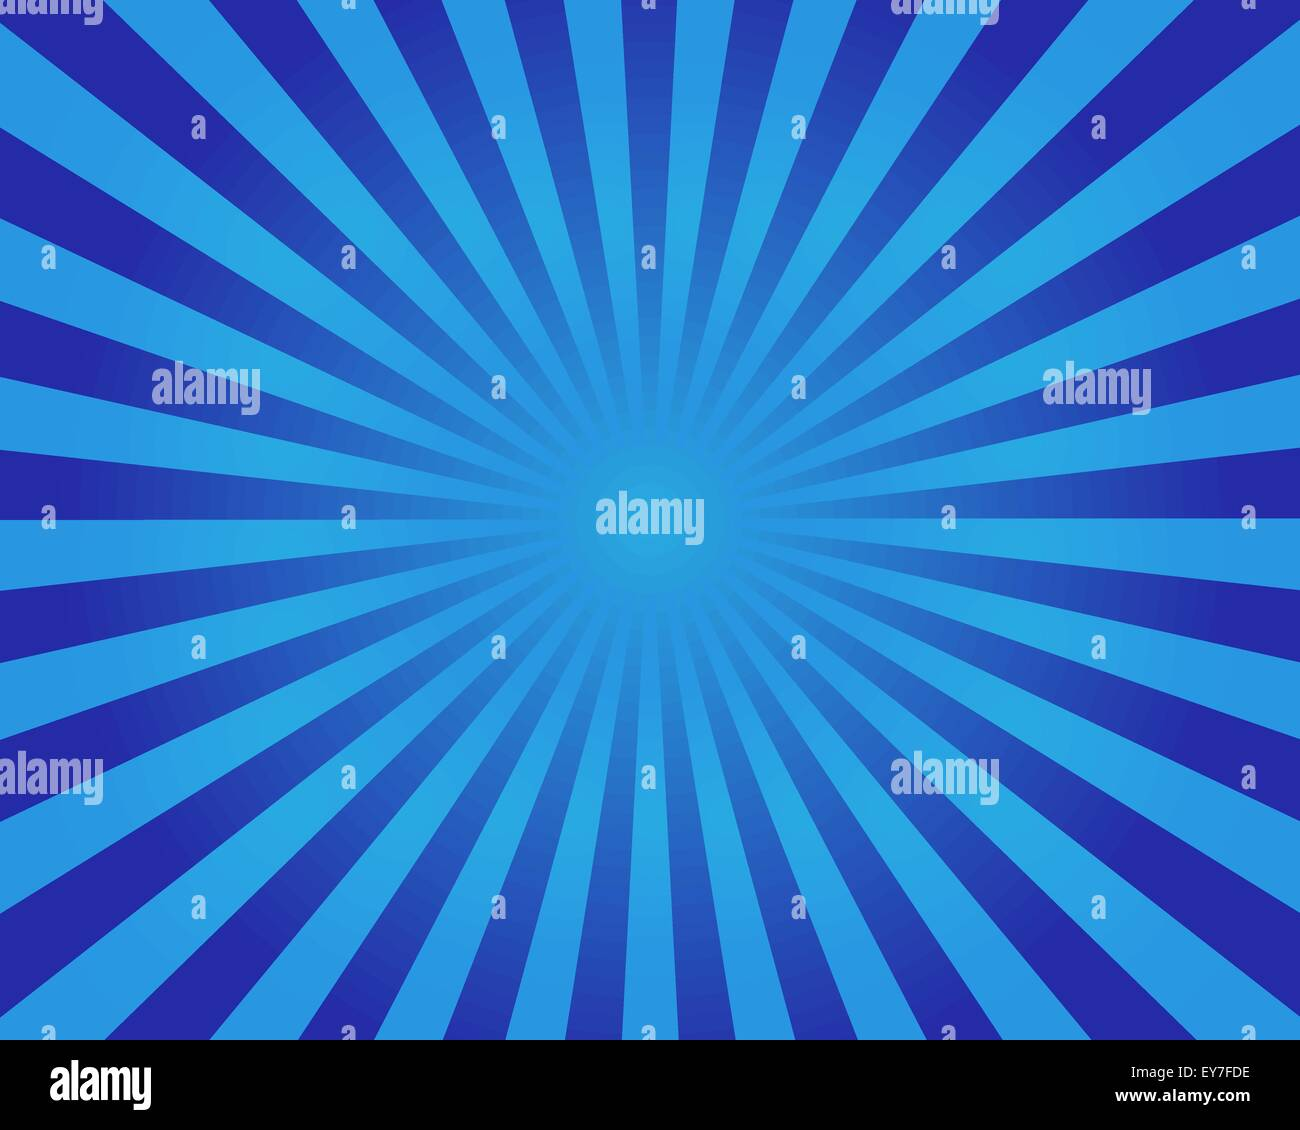 A strisce blu sullo sfondo, vettoriale EPS10 Immagini Stock